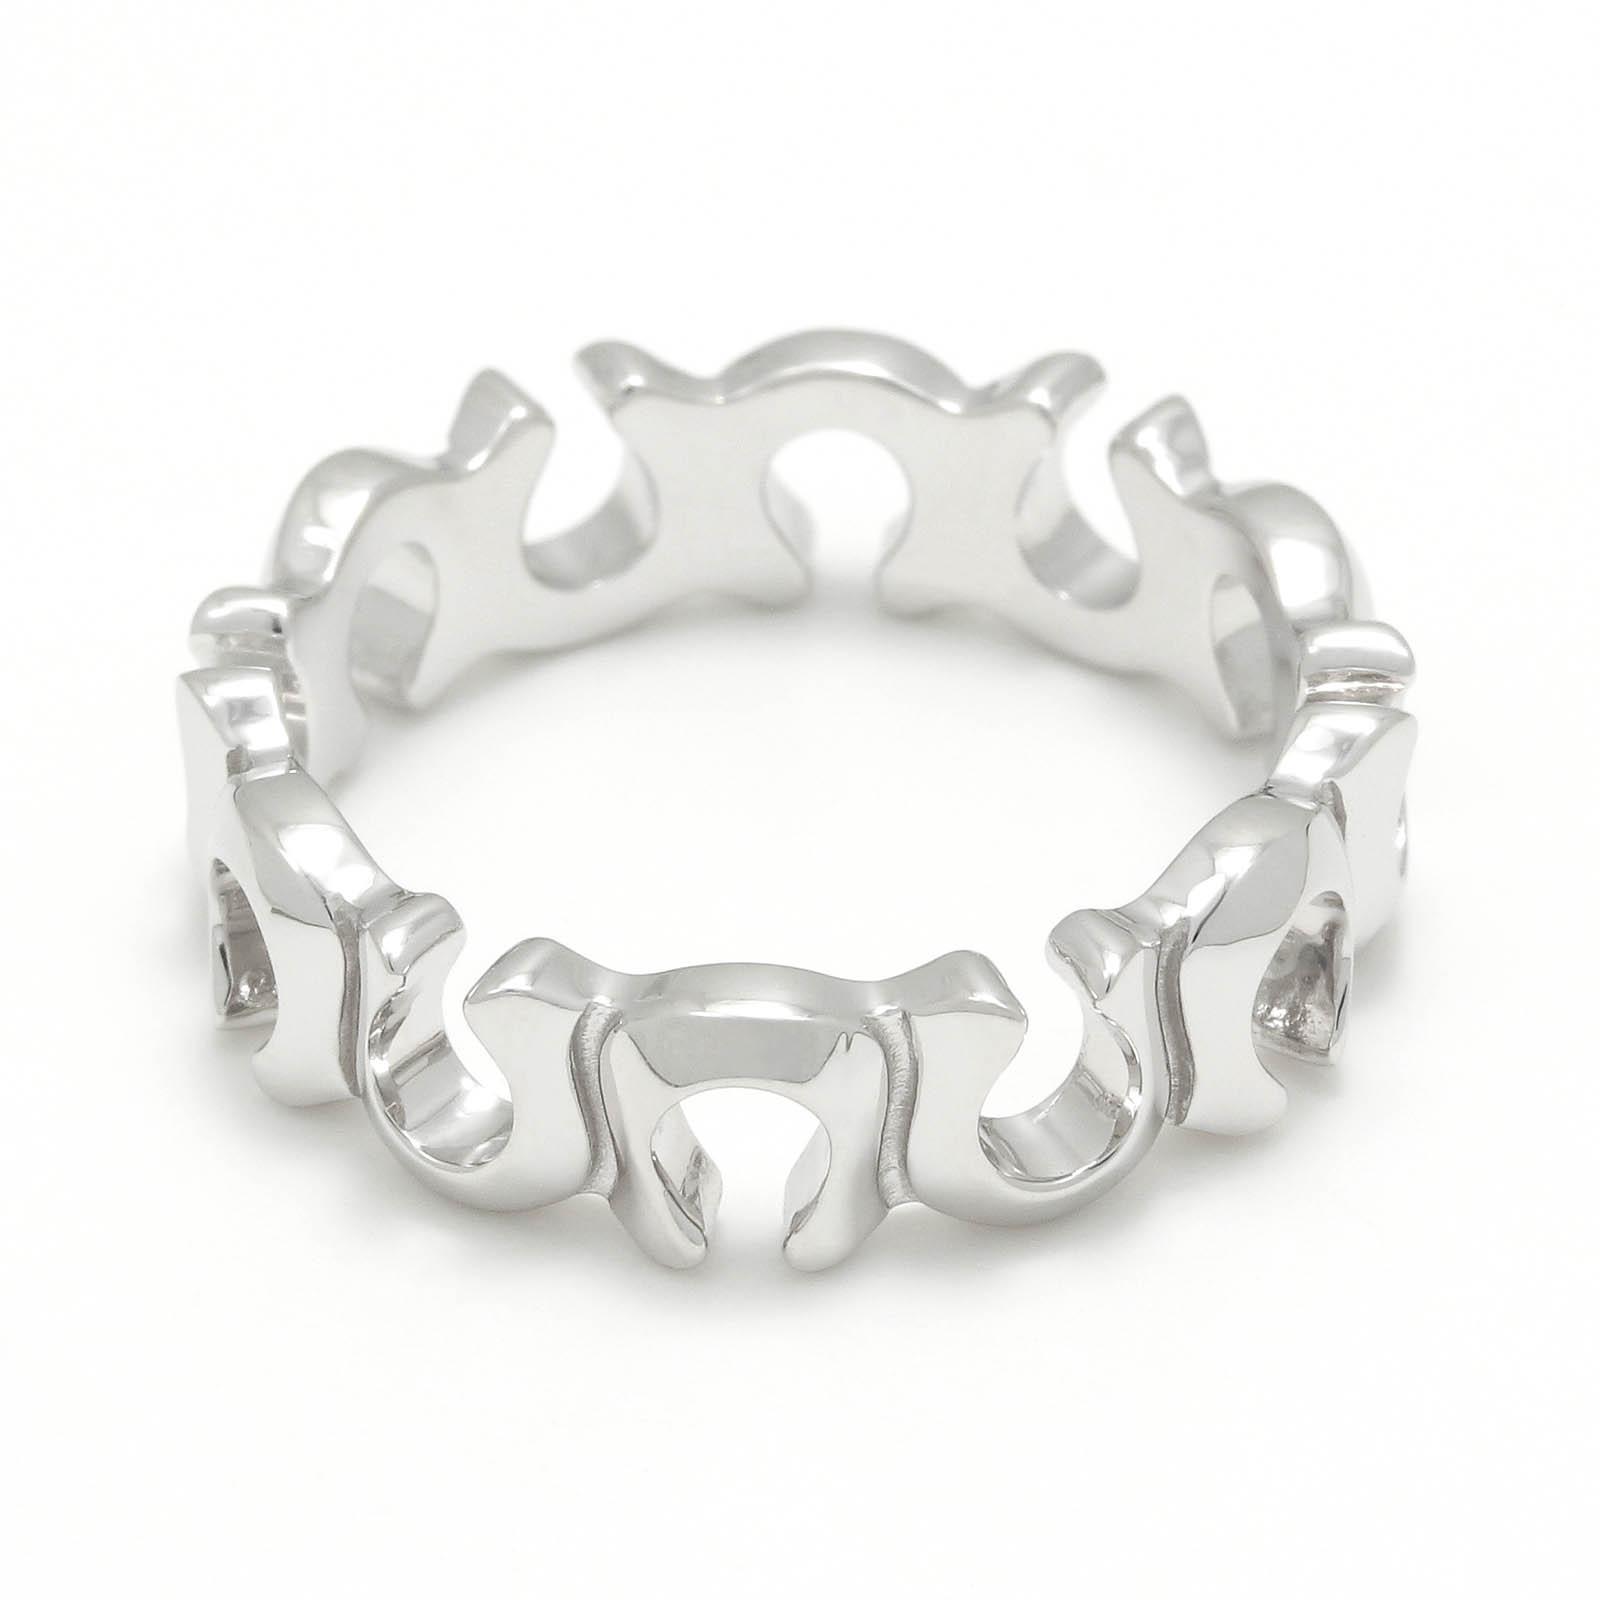 Horseshoe Round Ring - Silver